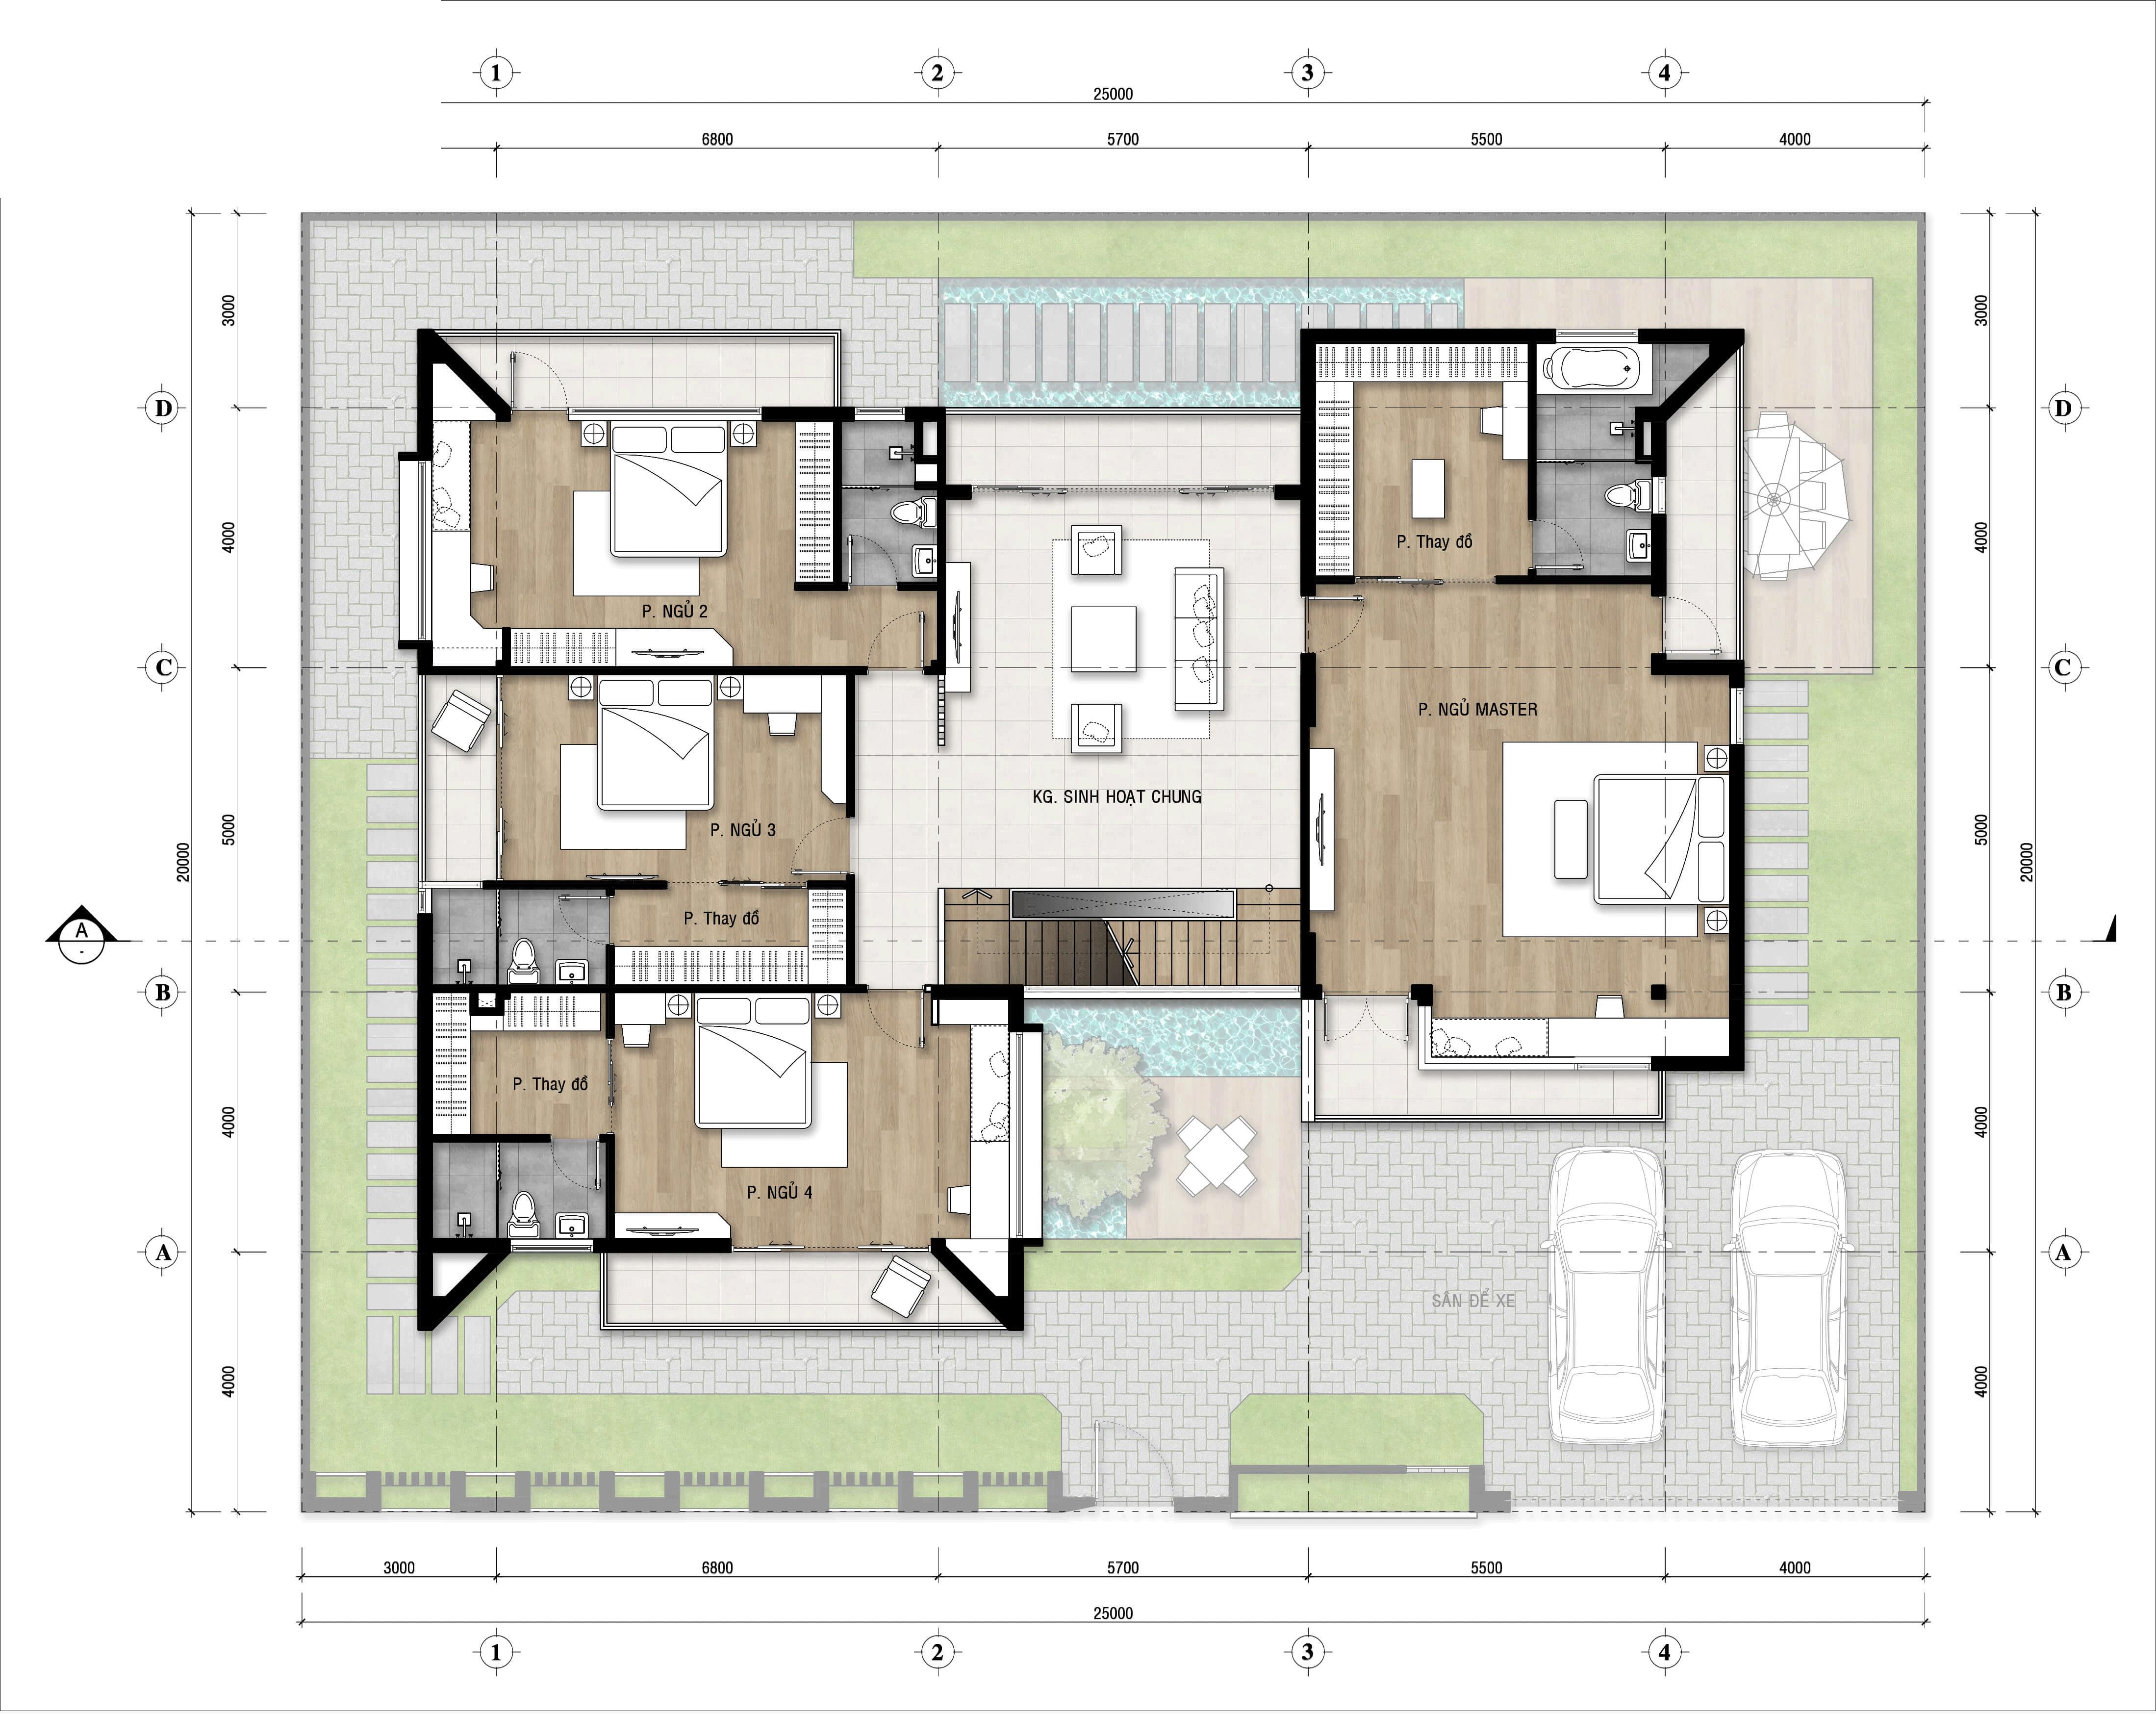 biệt thự 3 tầng hiện đại 25x20m 6